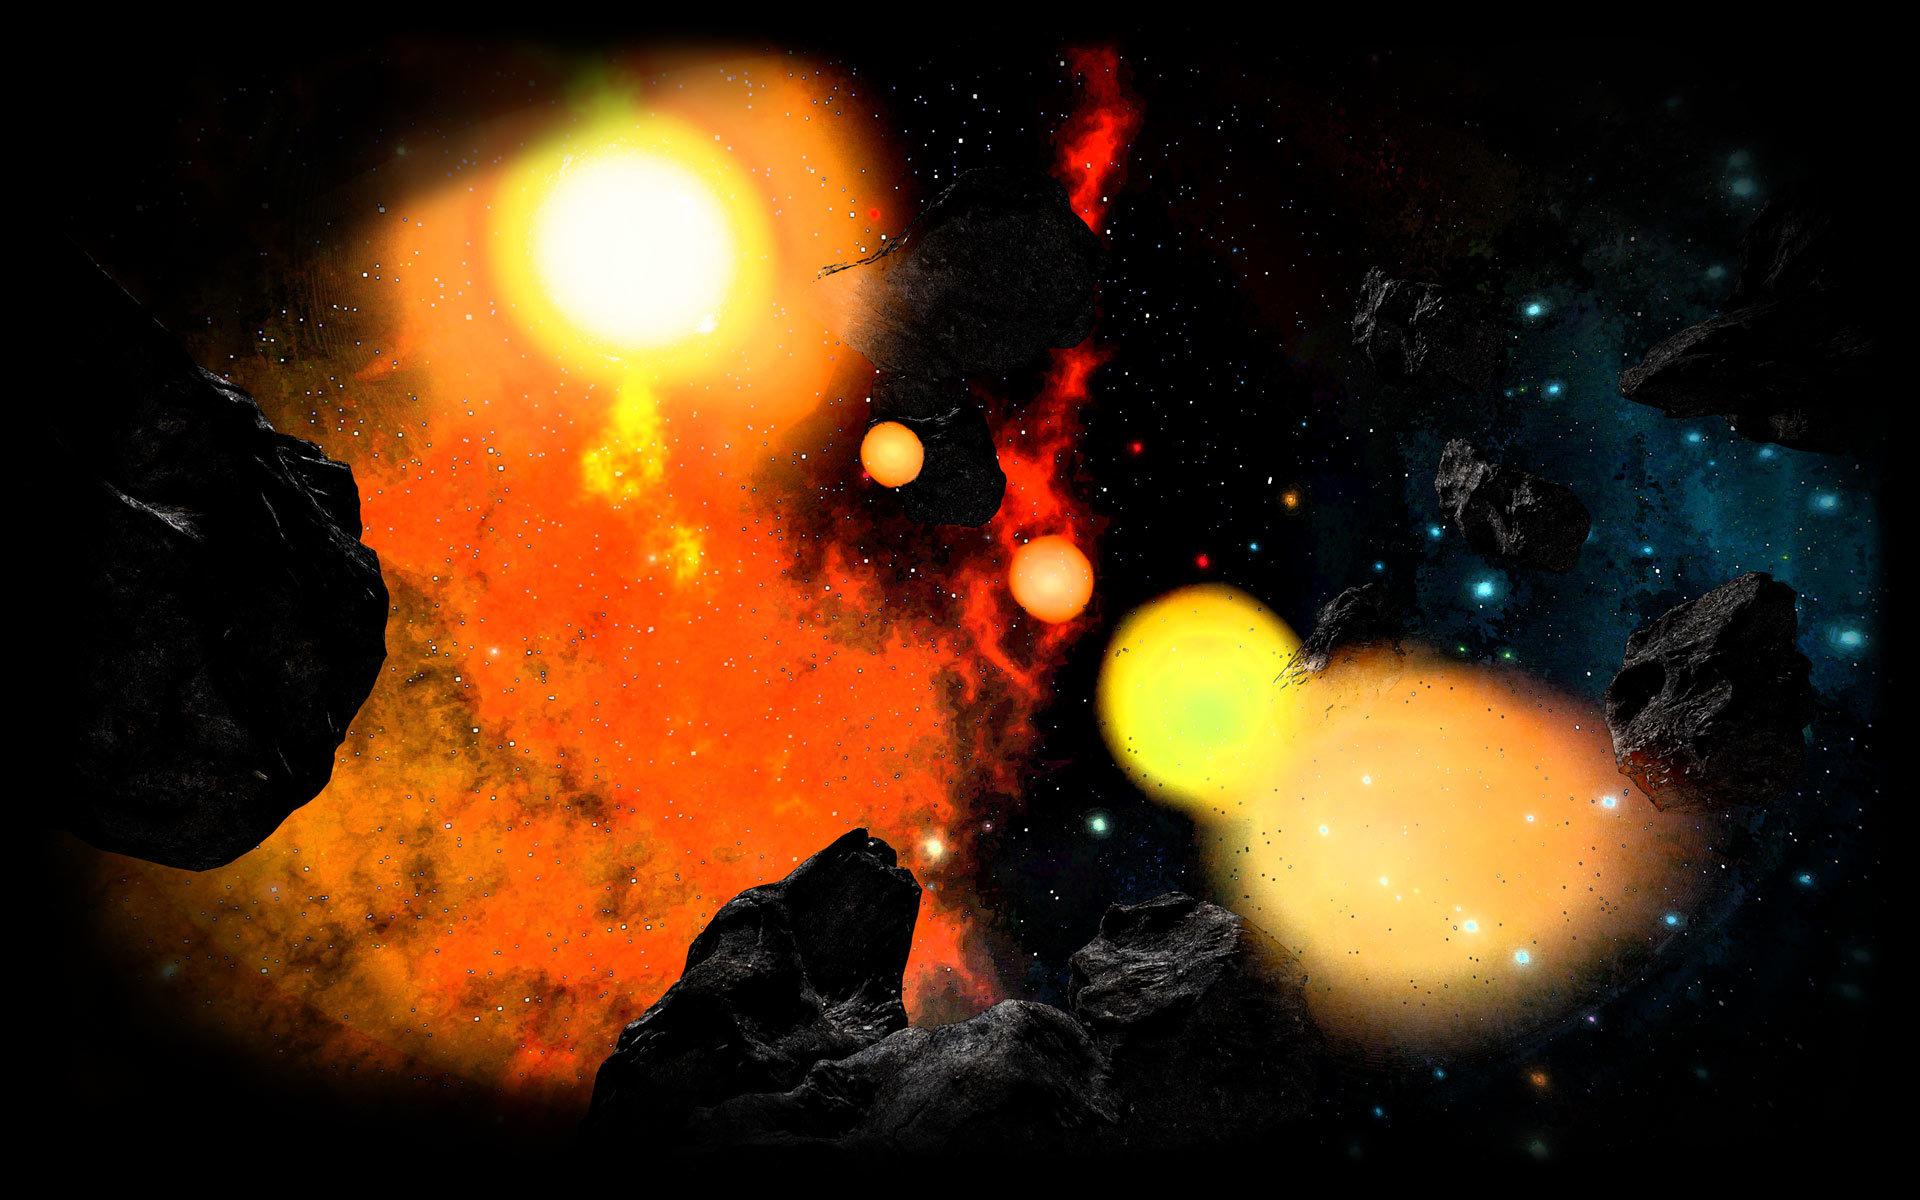 510840-Asteroid Art